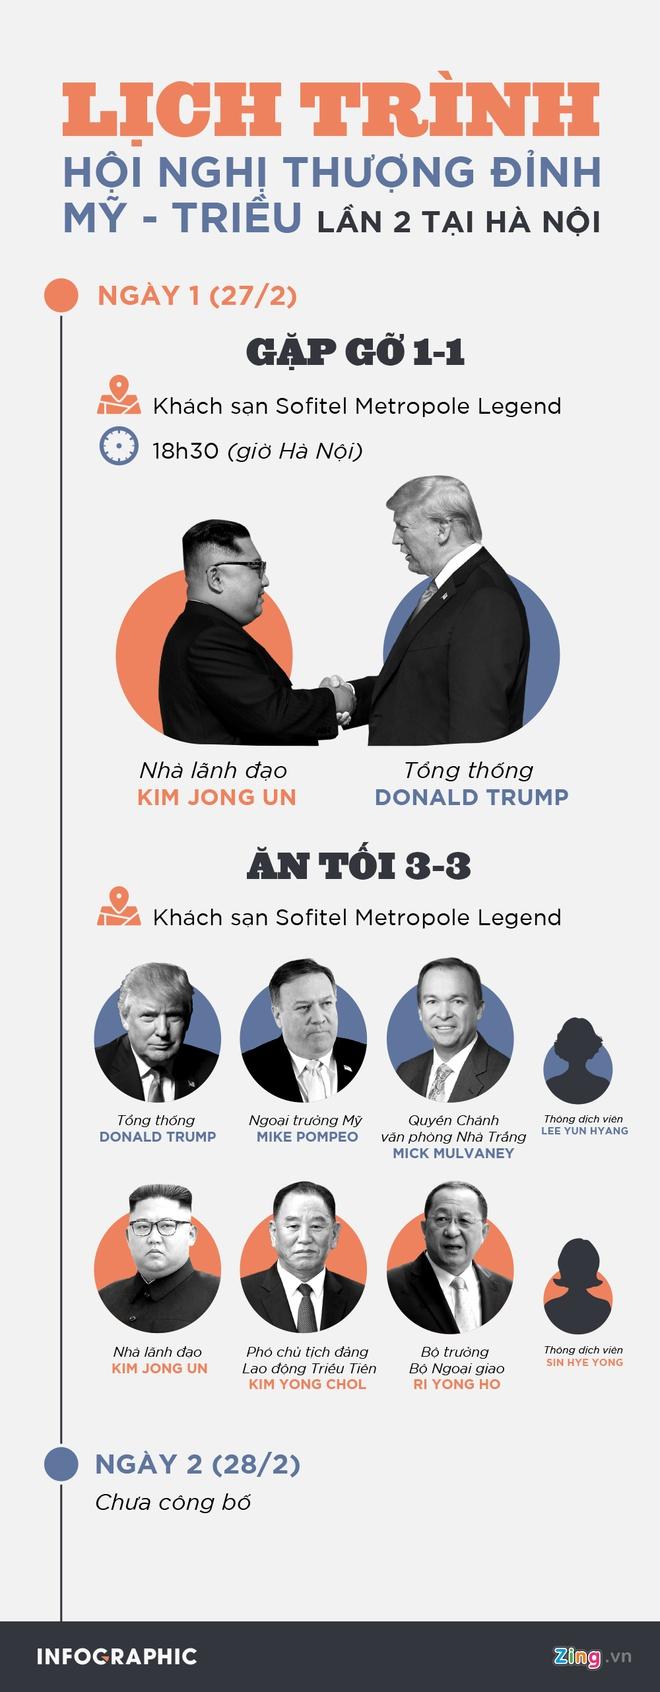 Phong vien Nha Trang o at toi Metropole truoc gio thuong dinh hinh anh 2